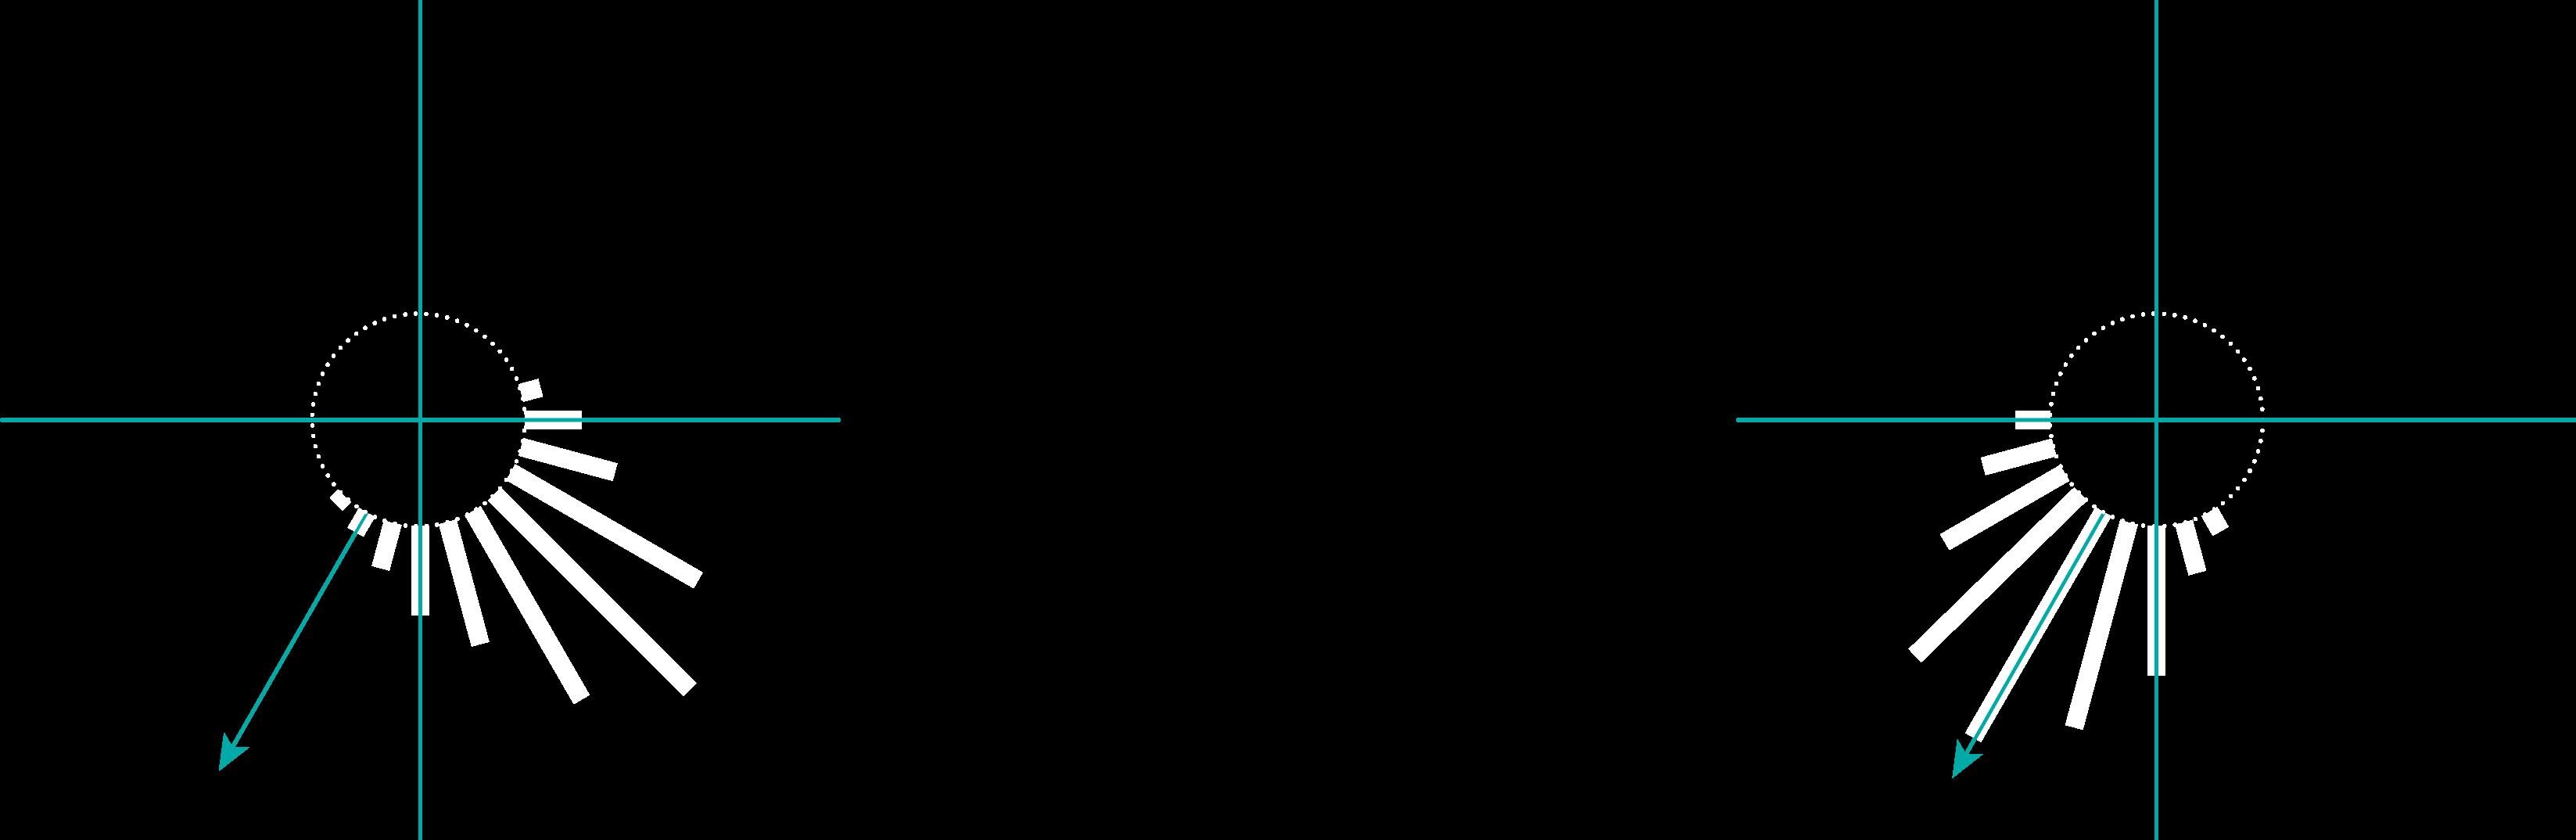 conformational 2